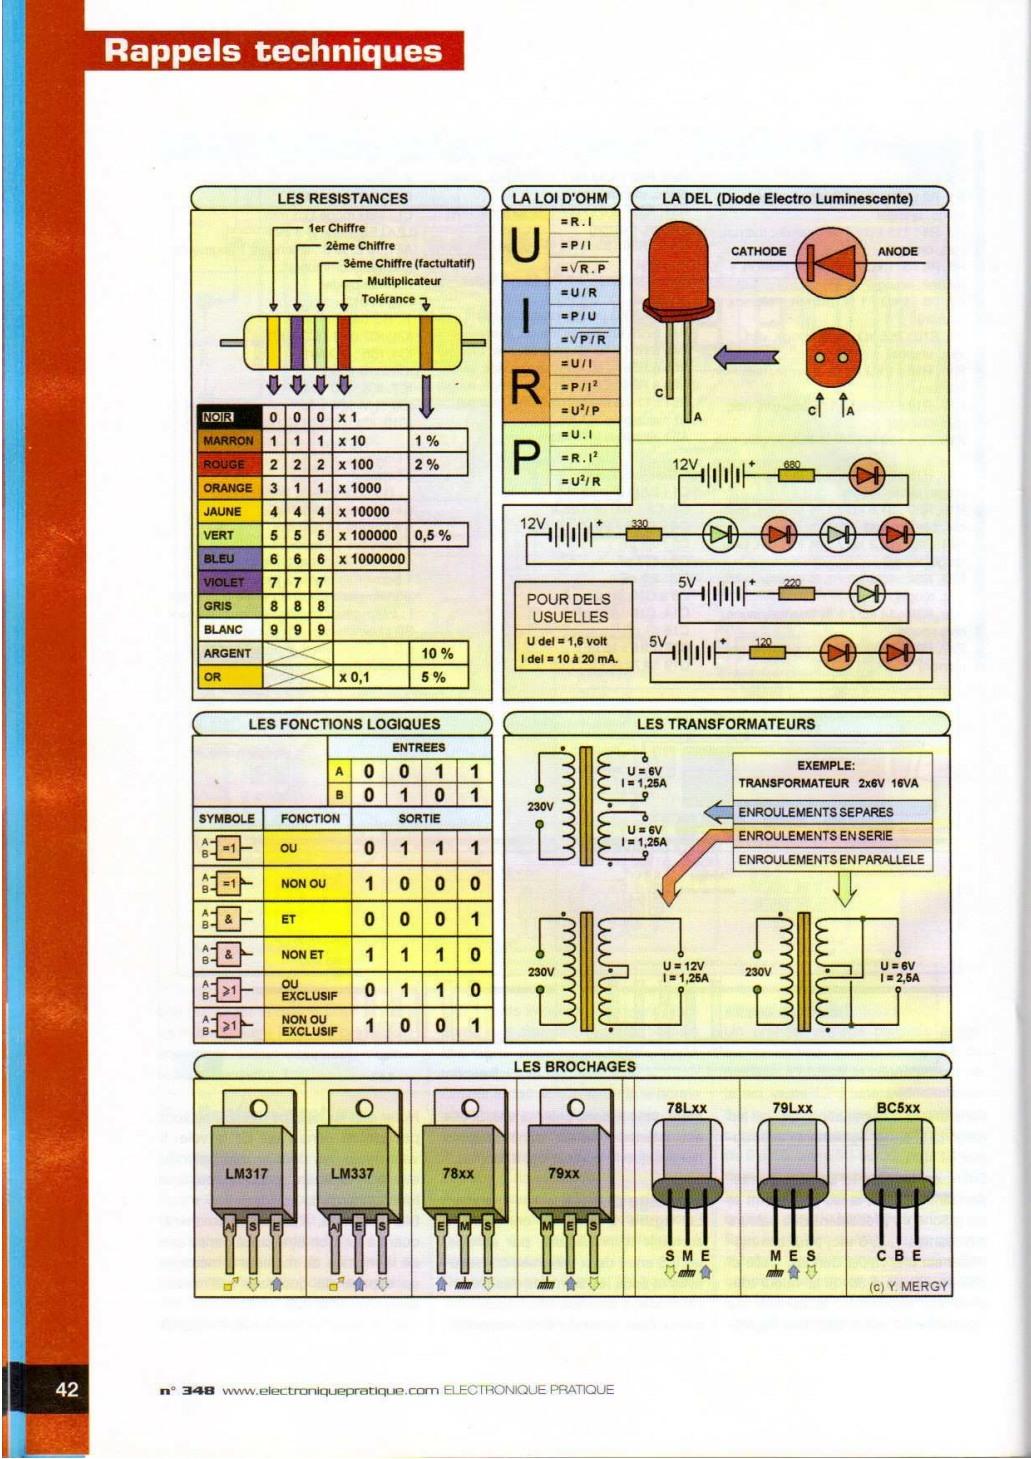 Справочник Транзисторов Импортных И Их Аналоги